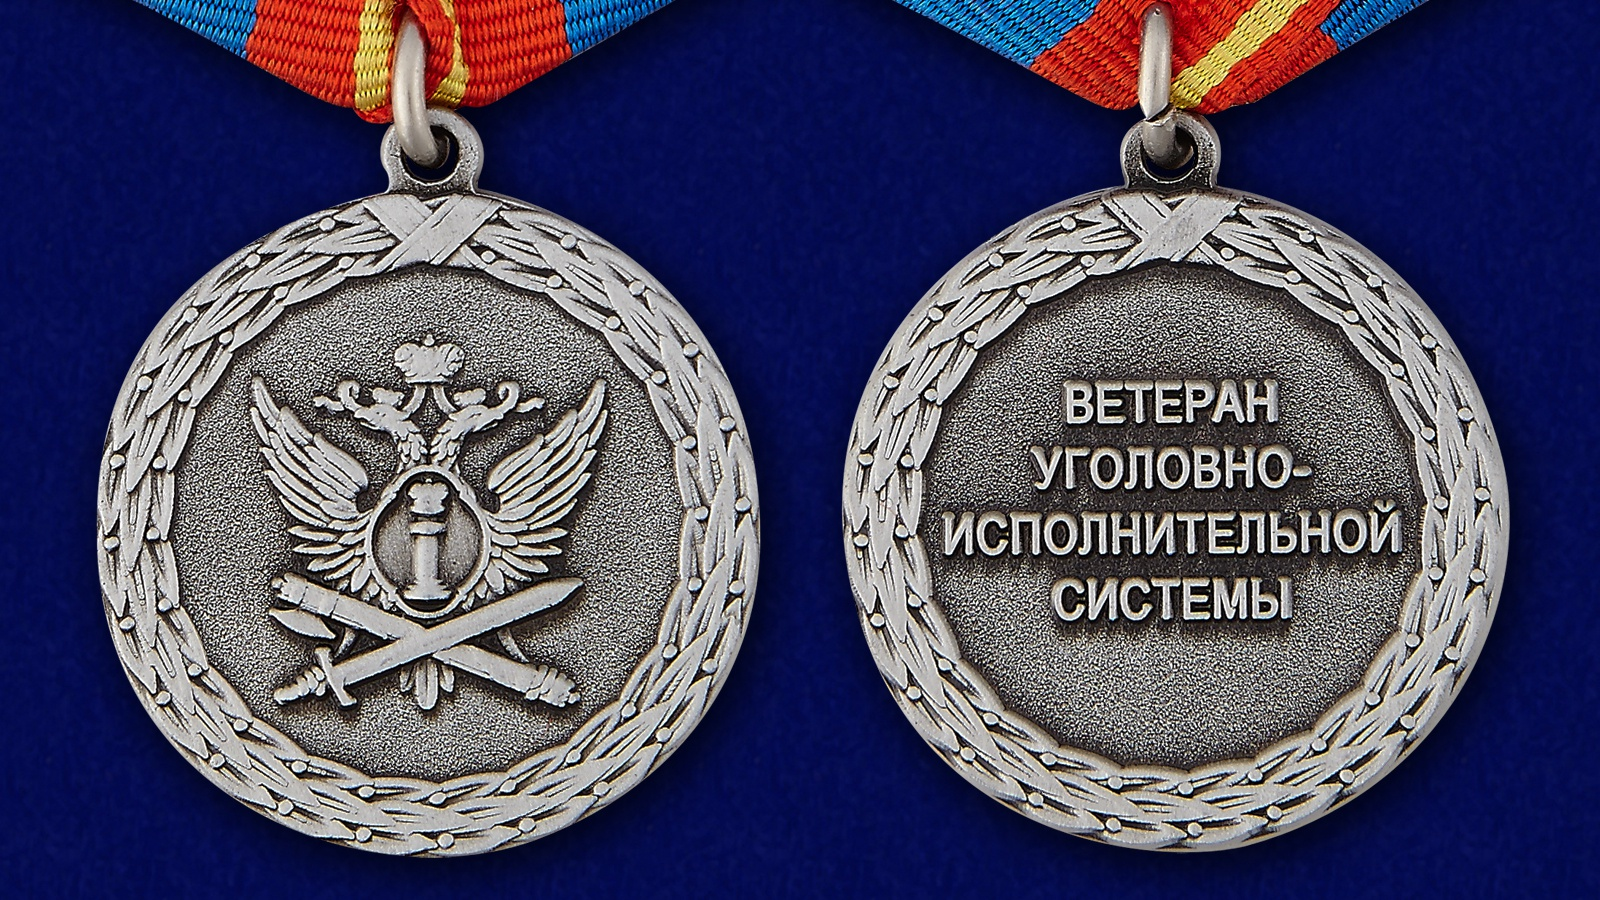 Медаль Ветеран уголовно-исполнительной системы в футляре из флока - аверс и реверс